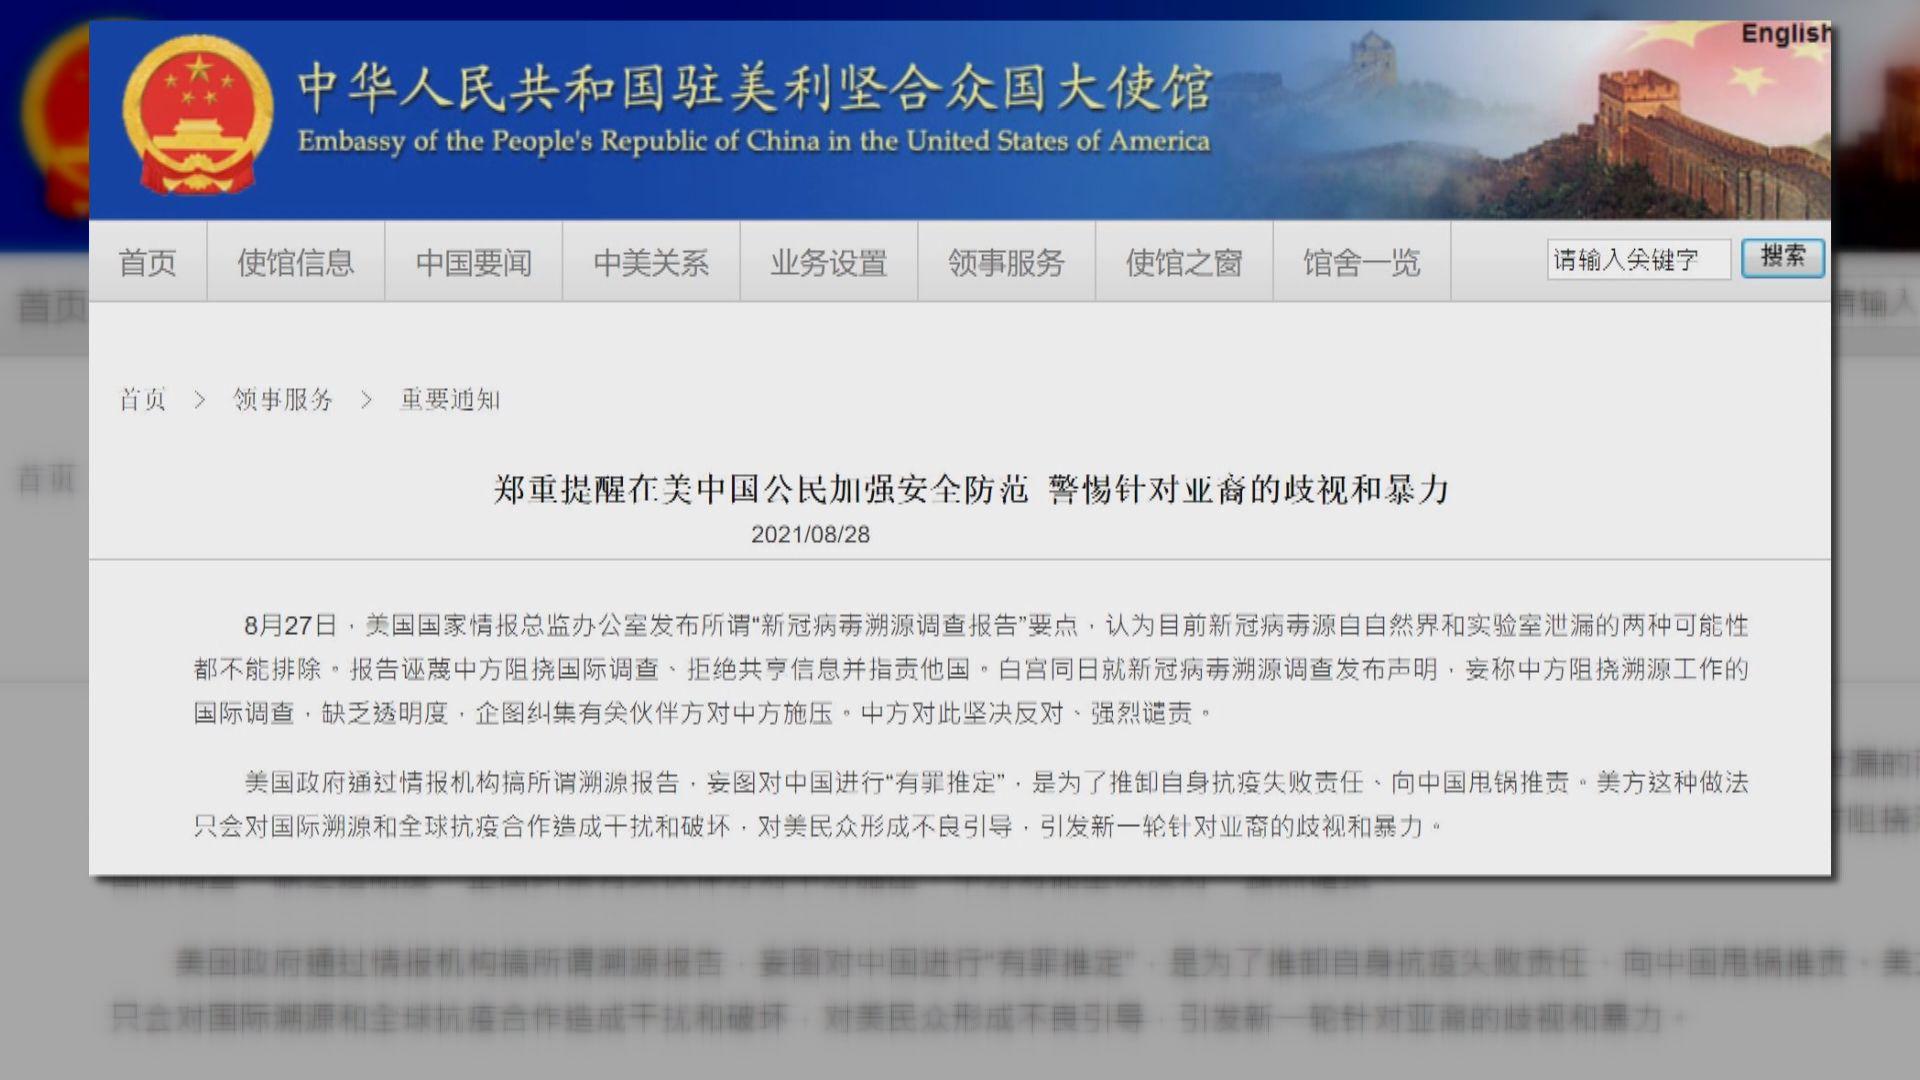 中國駐美使館促在美公民防範針對亞裔的歧視與暴力